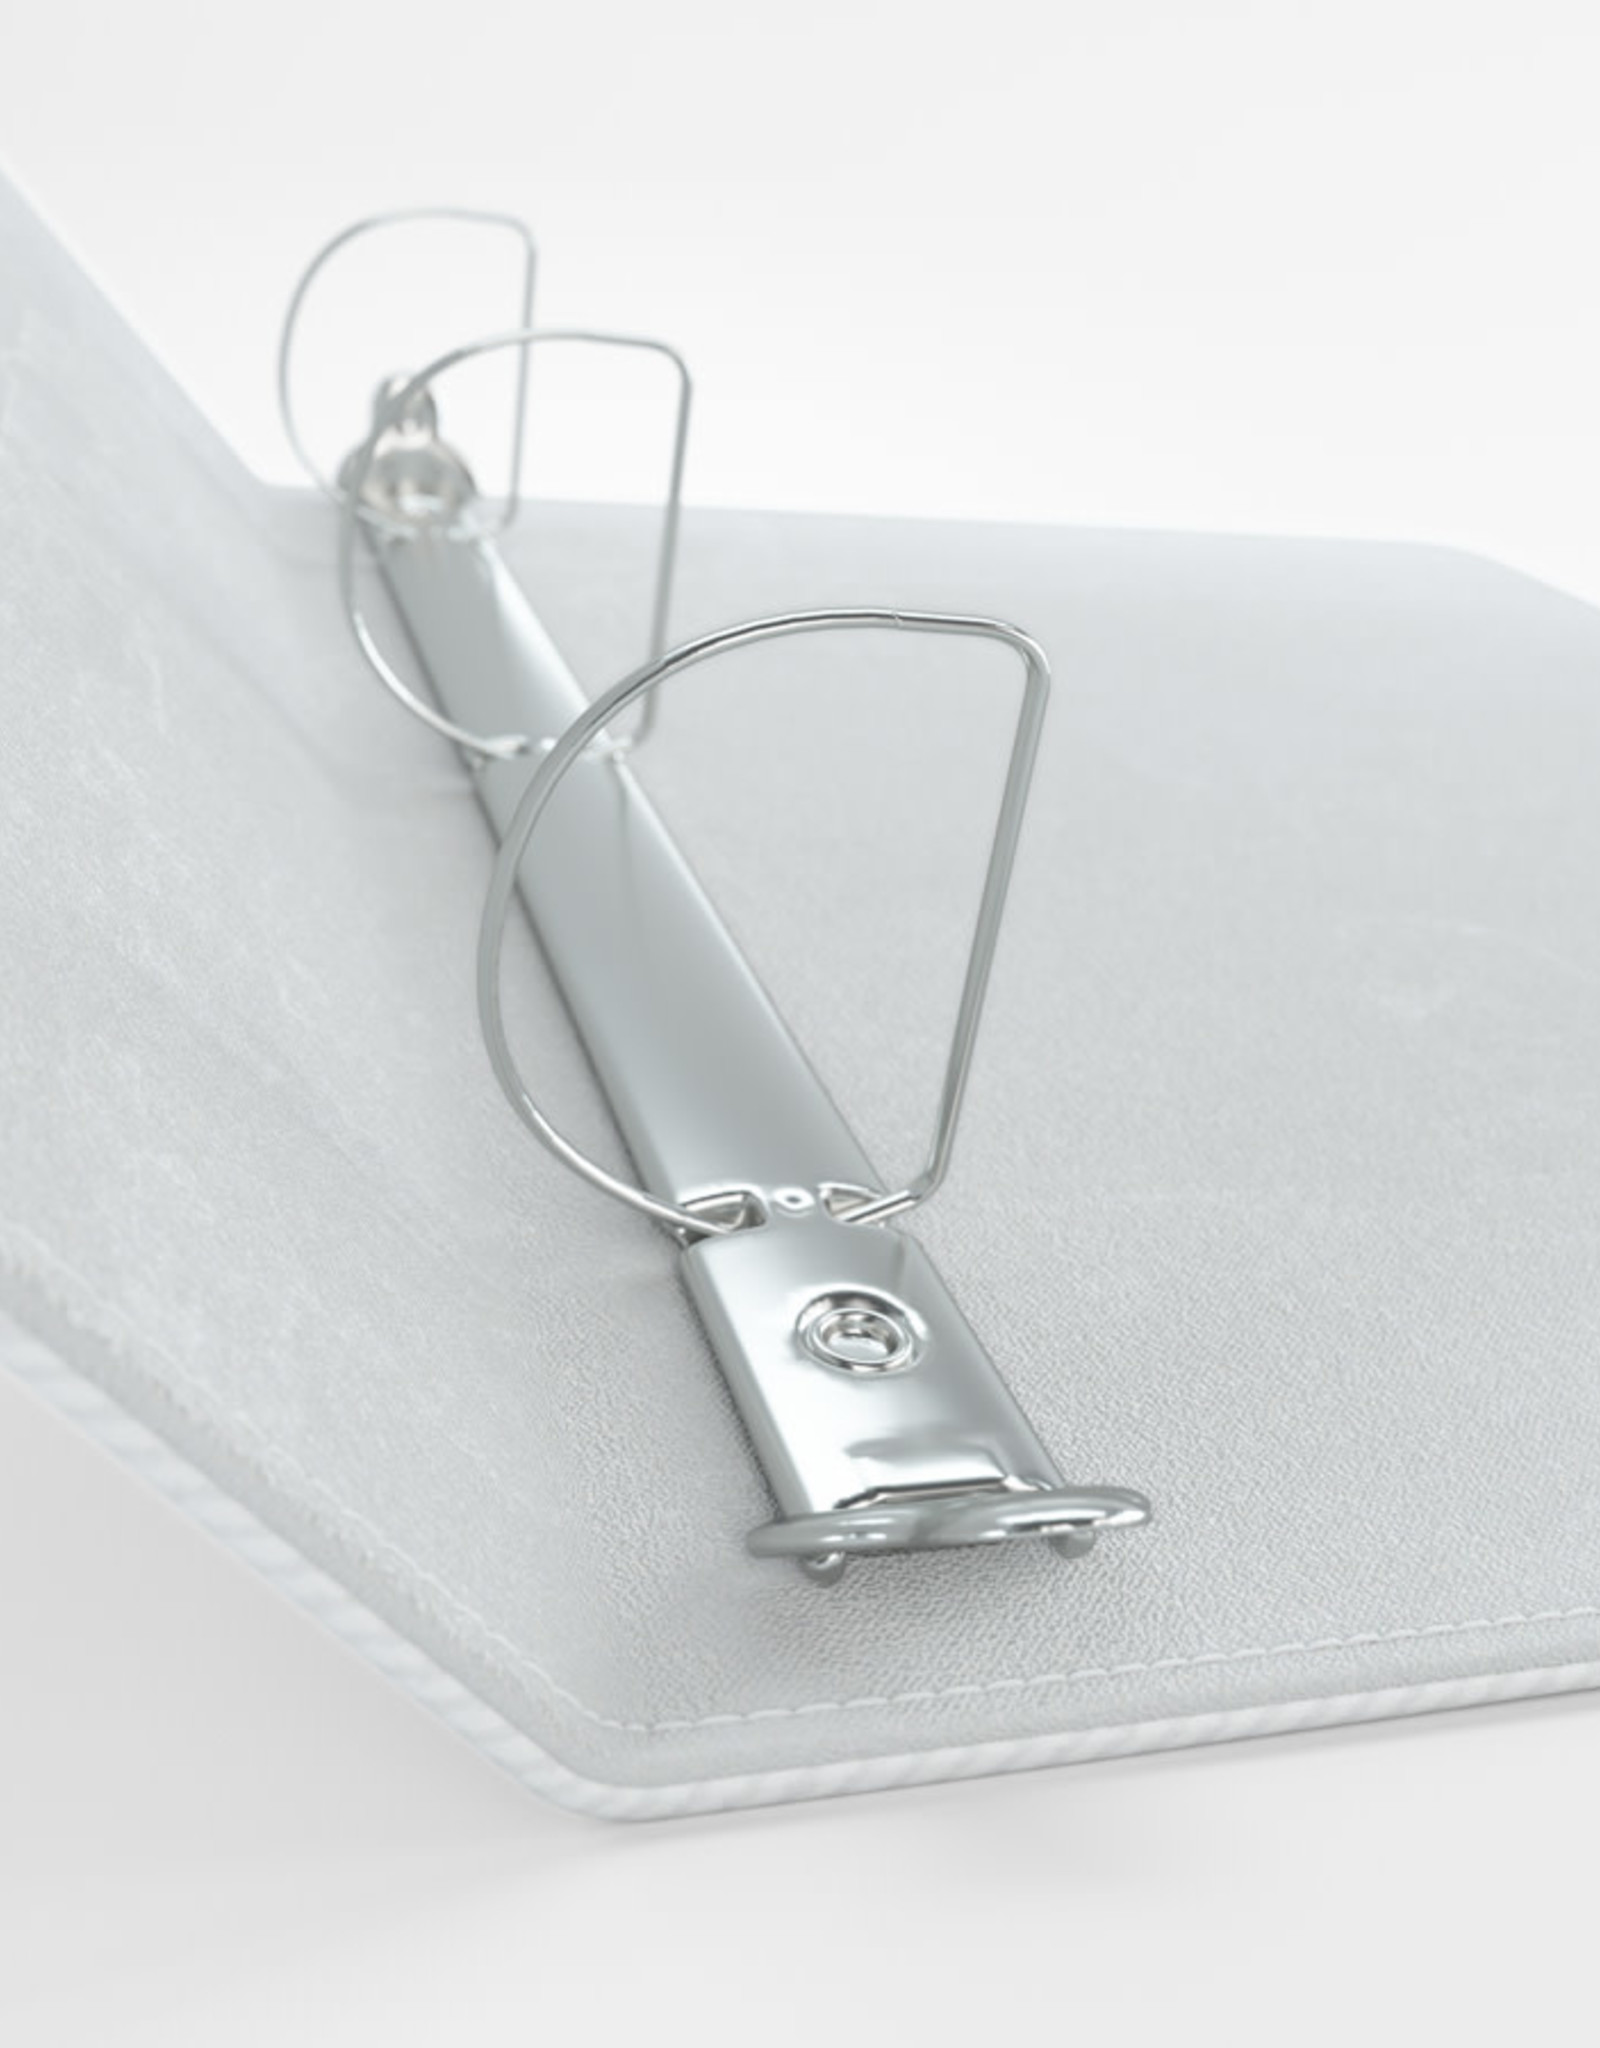 Prime Ring-Binder White